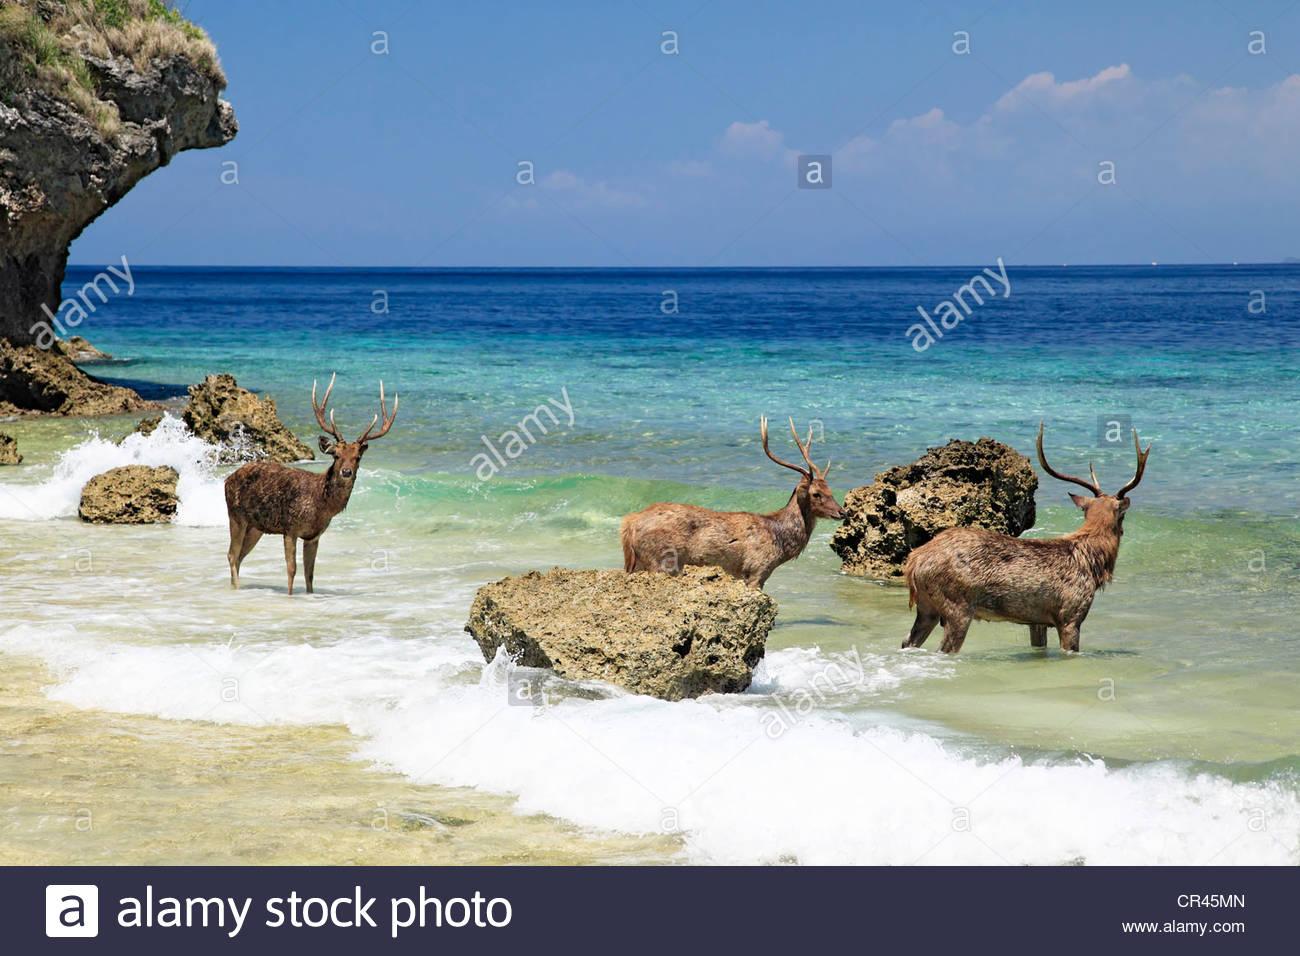 Javan Rusas or Sunda Sambars (Rusa timorensis) on the beach, Menjangan, Bali, Indonesia, Southeast Asia - Stock Image